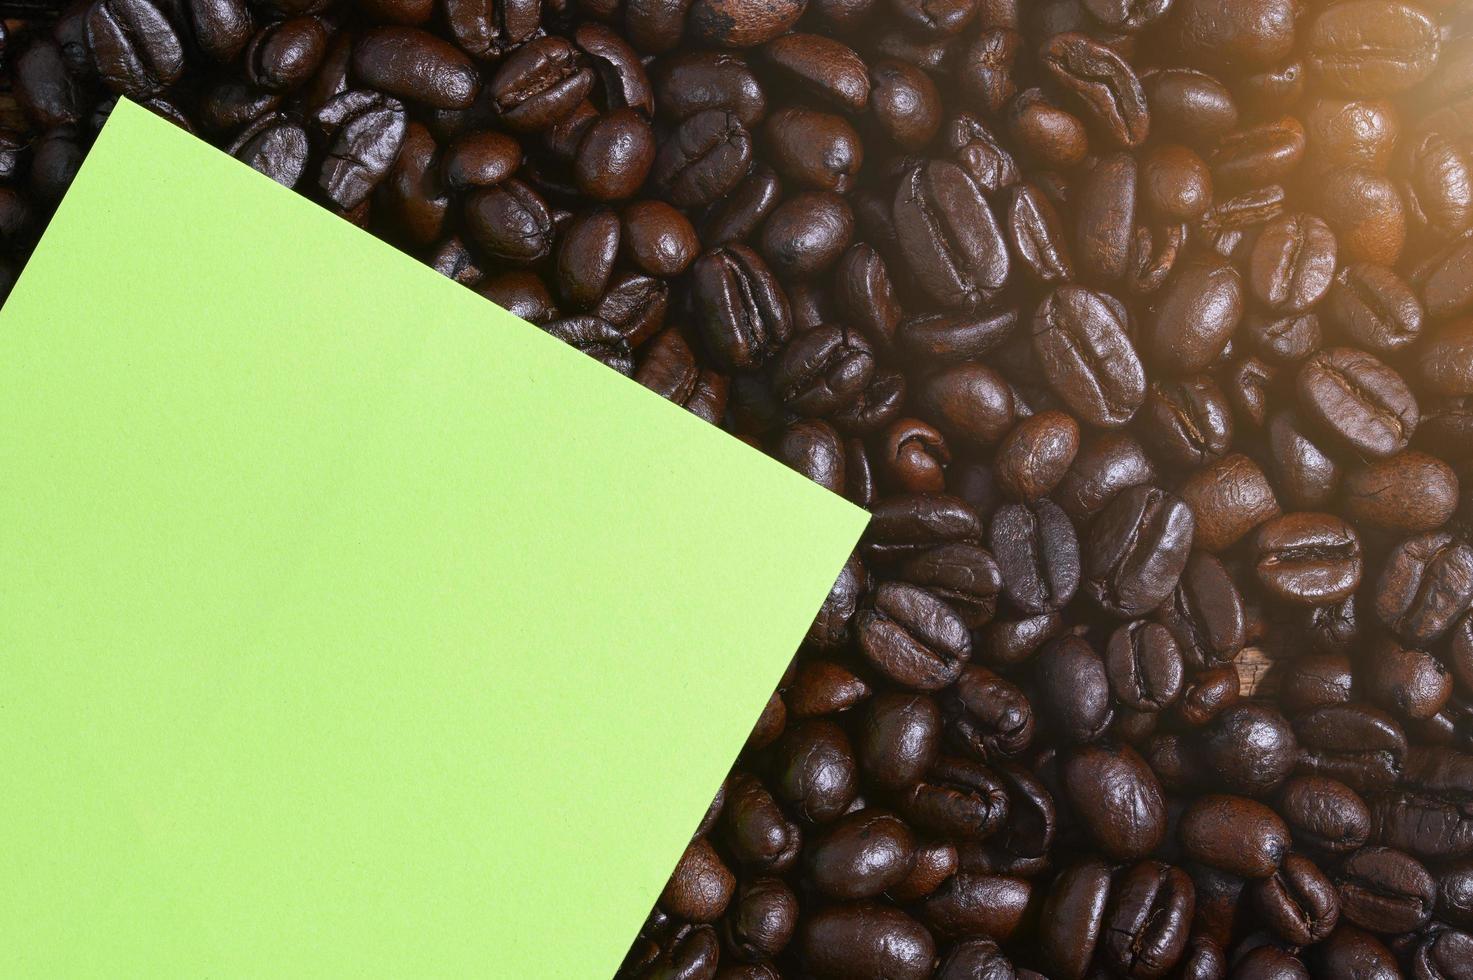 nota papier en koffiebonen, bovenaanzicht foto